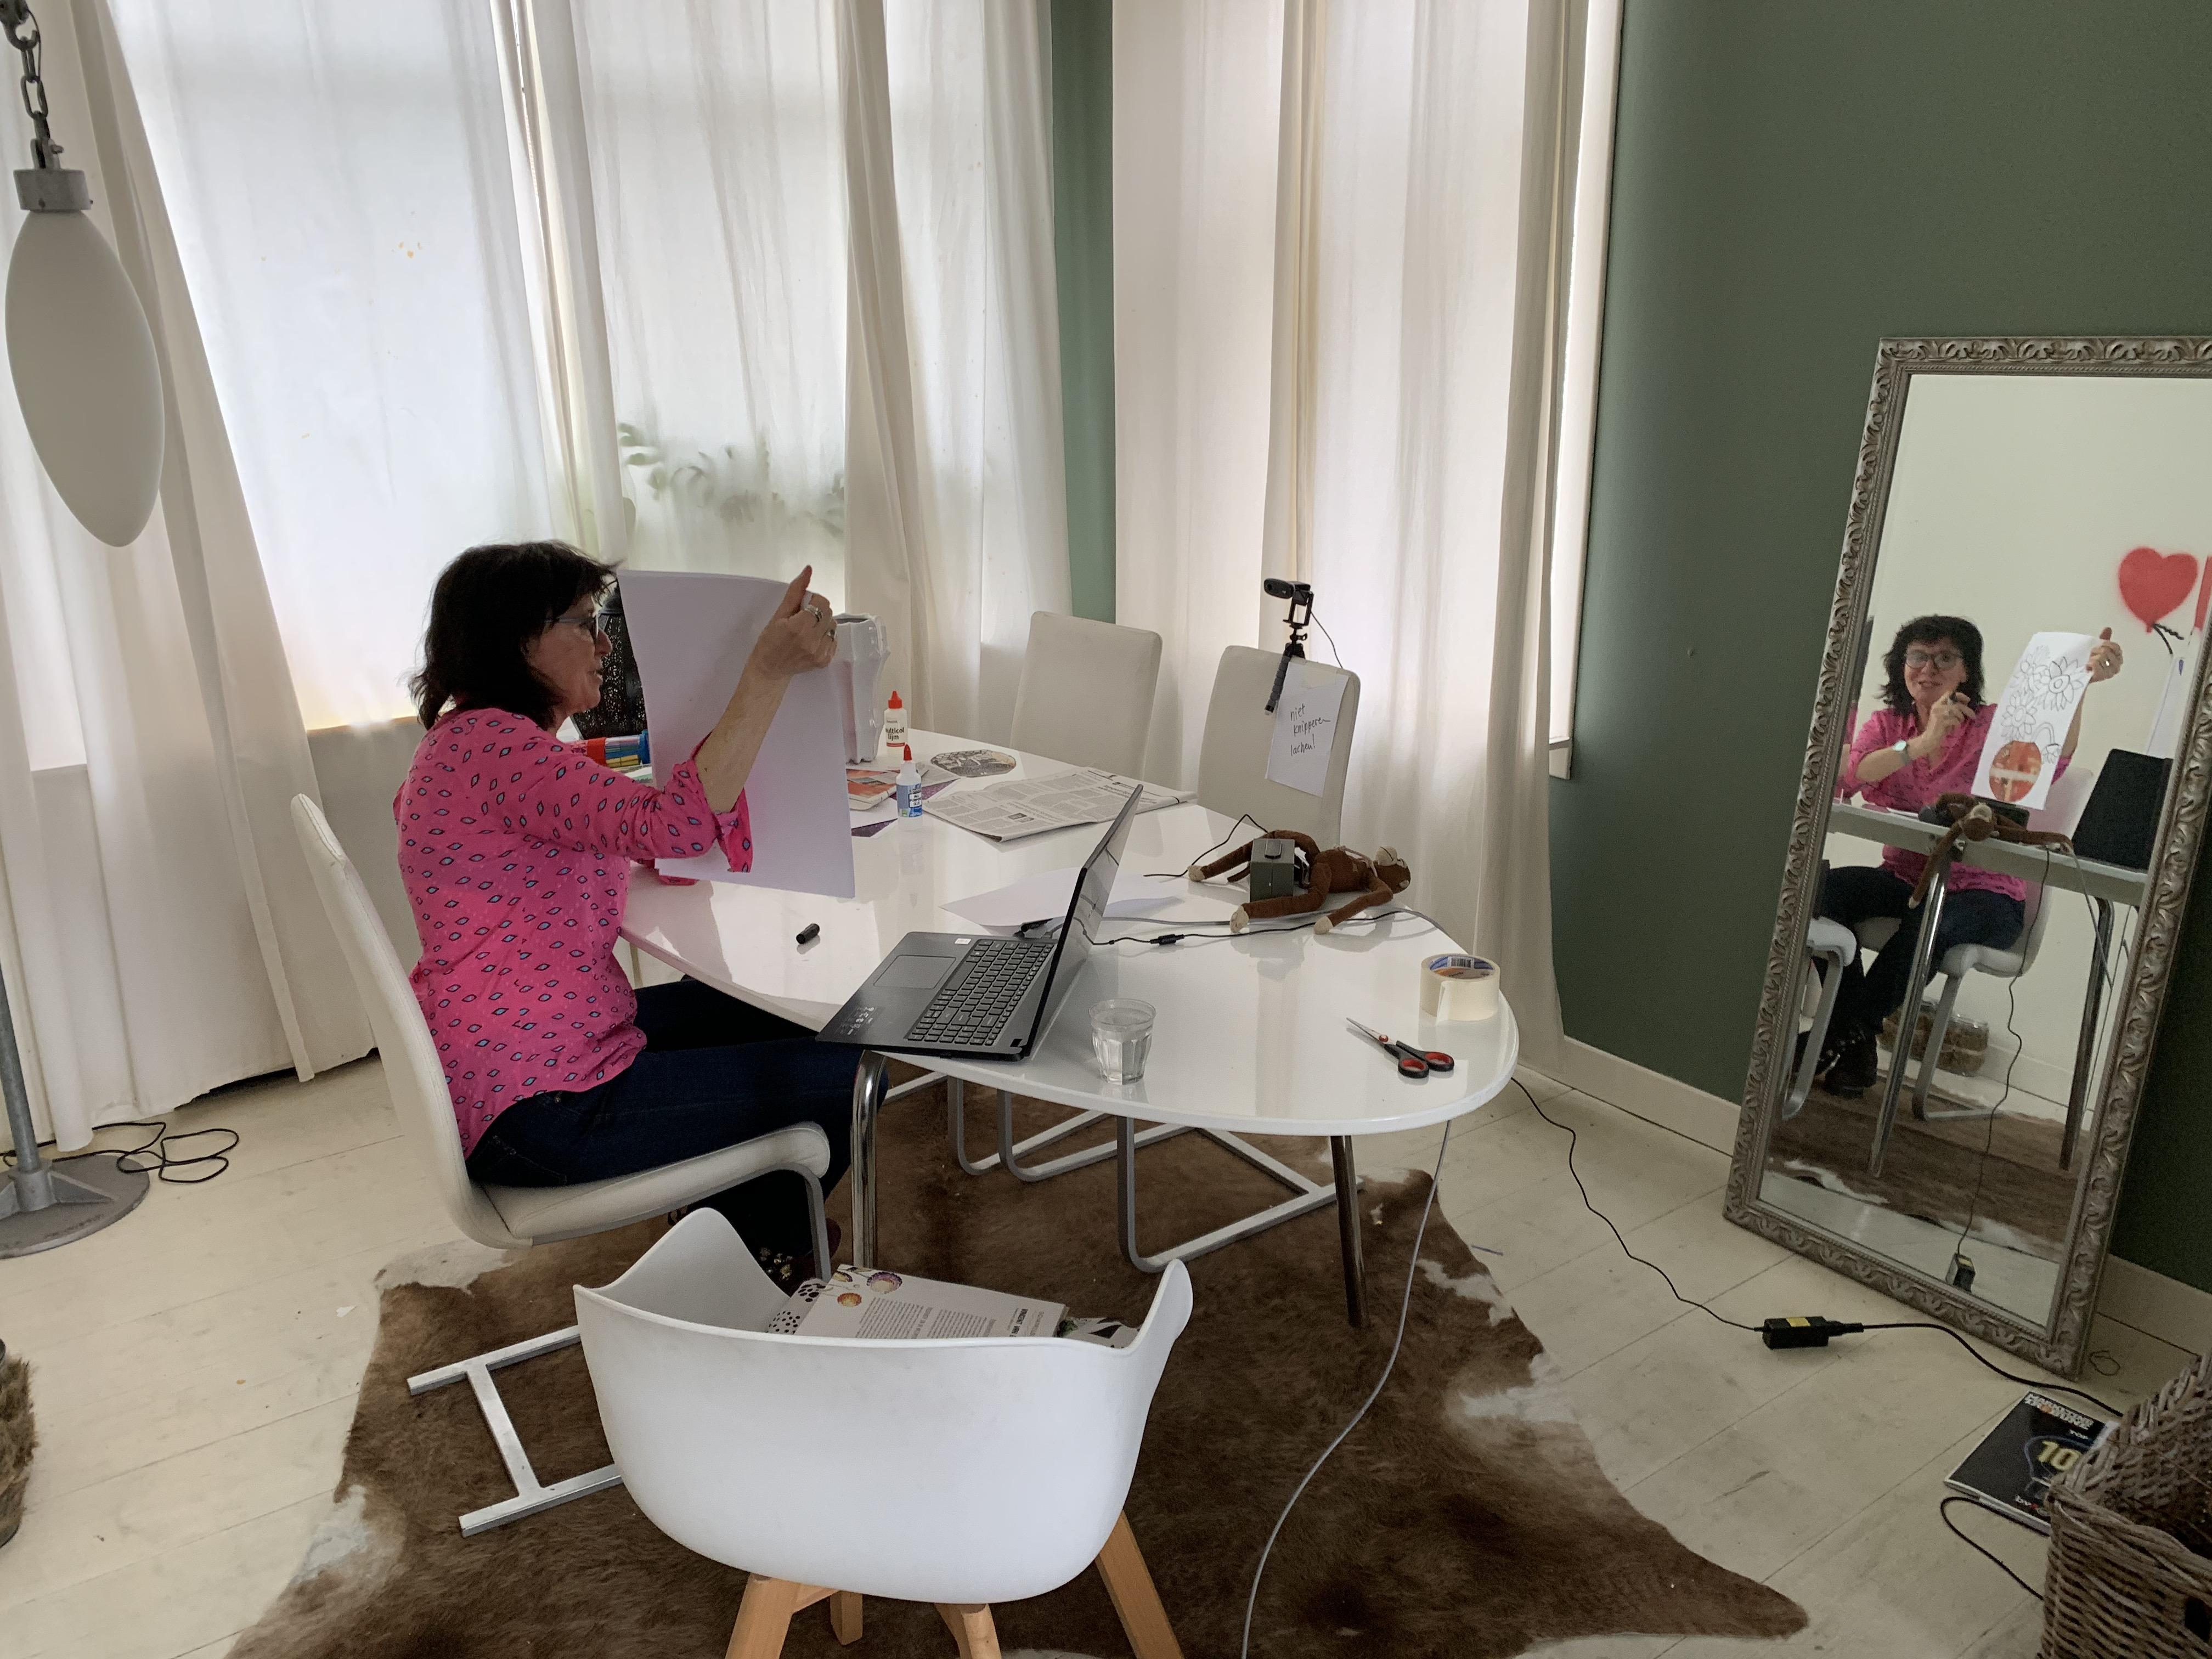 Juf Marit geeft kinderen kunstles in barre tijden [video]